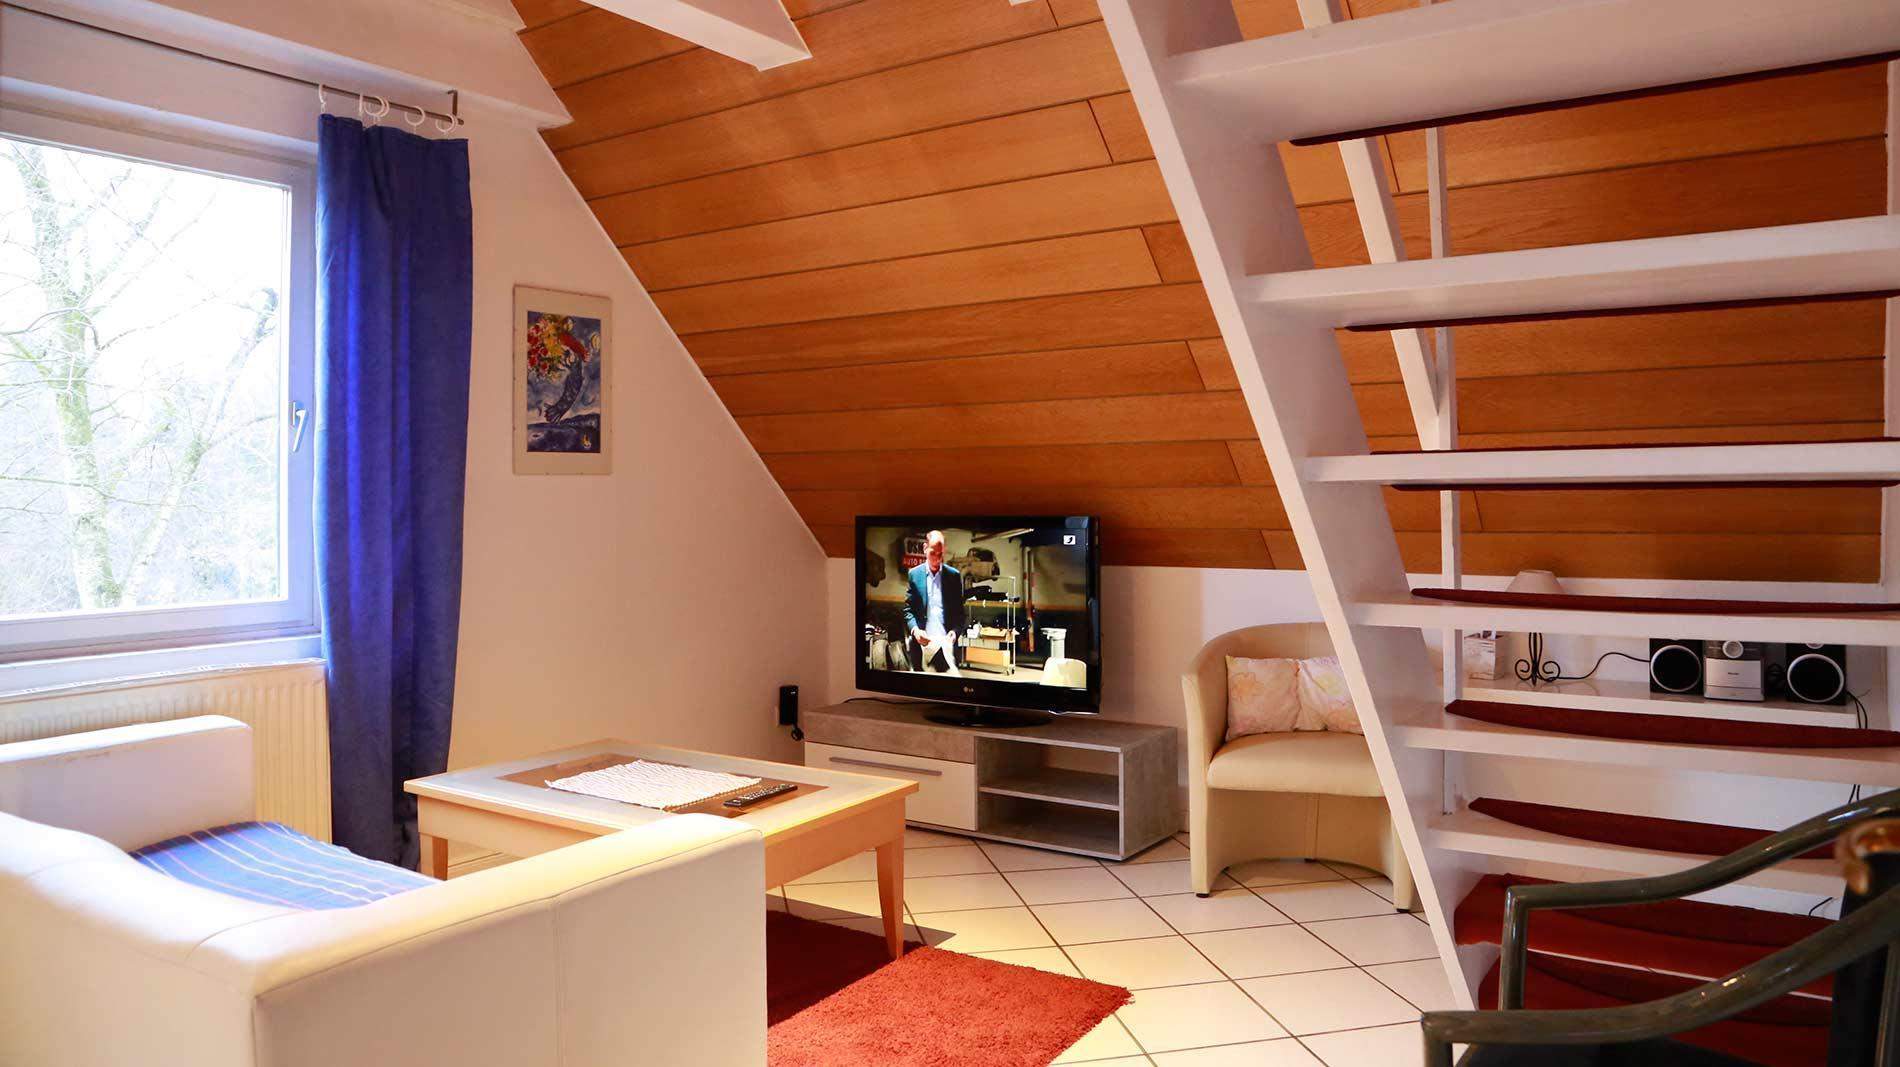 Apartment 3B